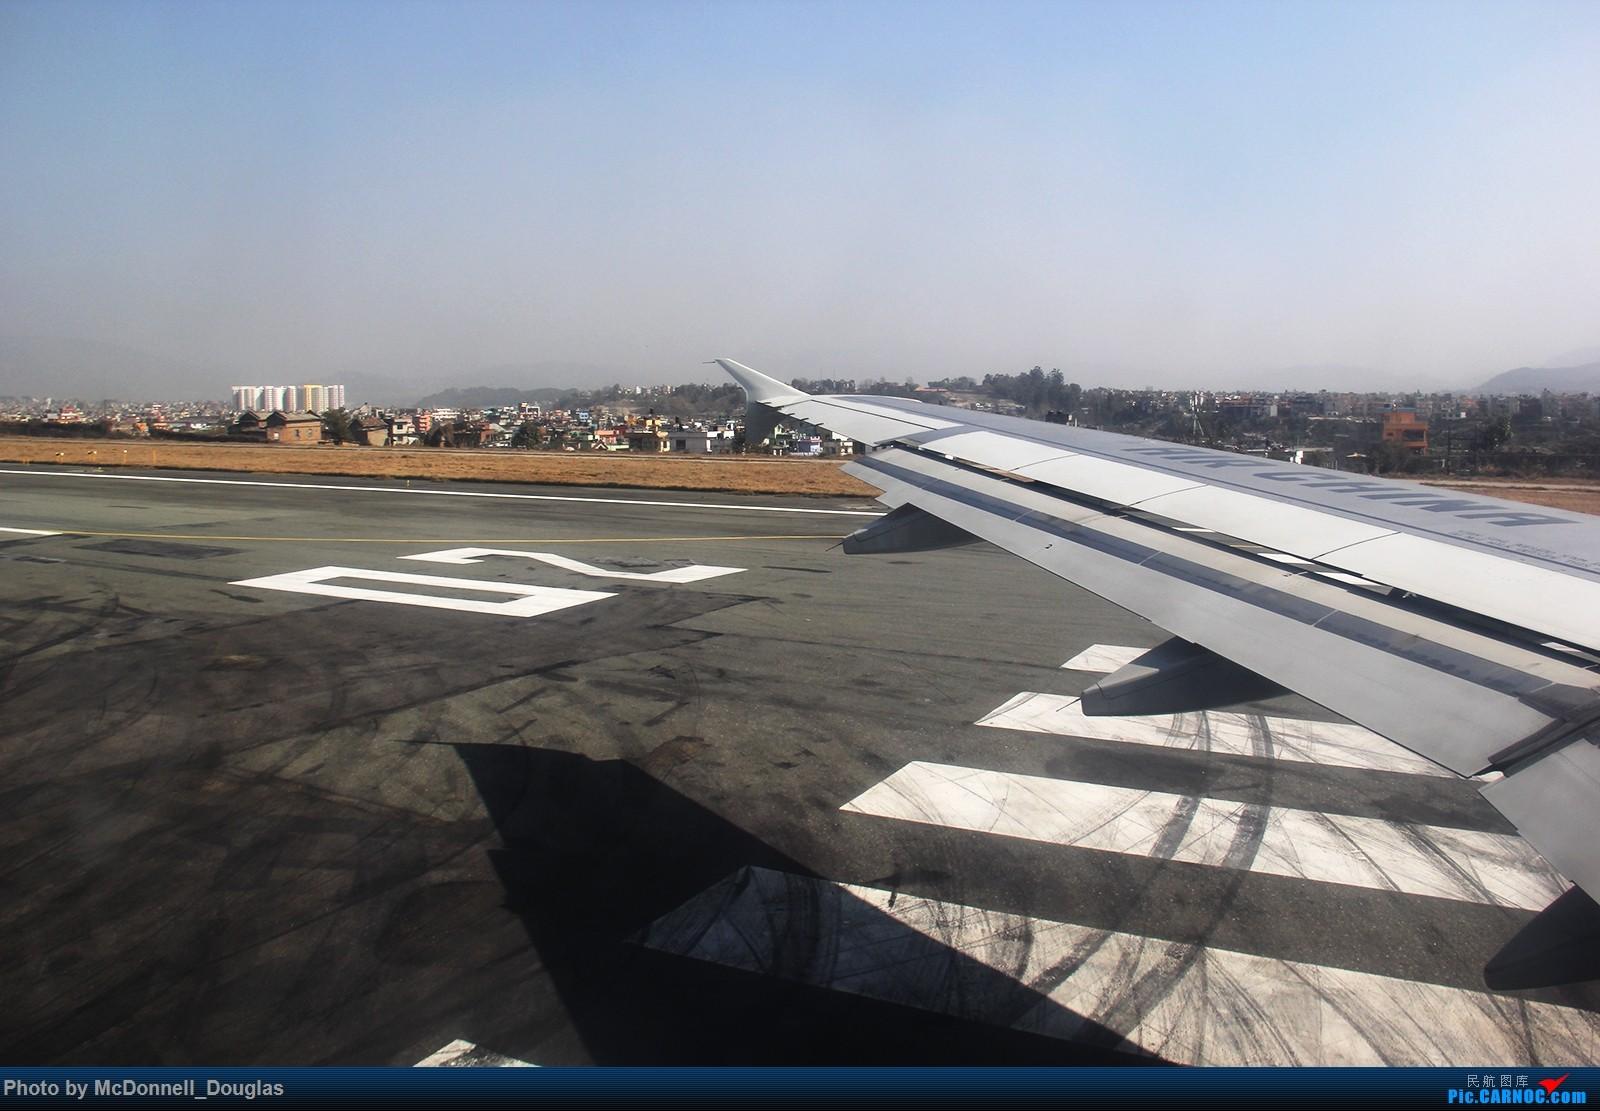 Re:[原创]【上海飞友会】【zc带你游天下(4)】不远千里飞跃喜马拉雅去看你,探寻高山另一边的神秘国度,和一群贫穷却快乐着的人们 AIRBUS A319-115 B-6238 尼泊尔加德满都特里布万国际机场